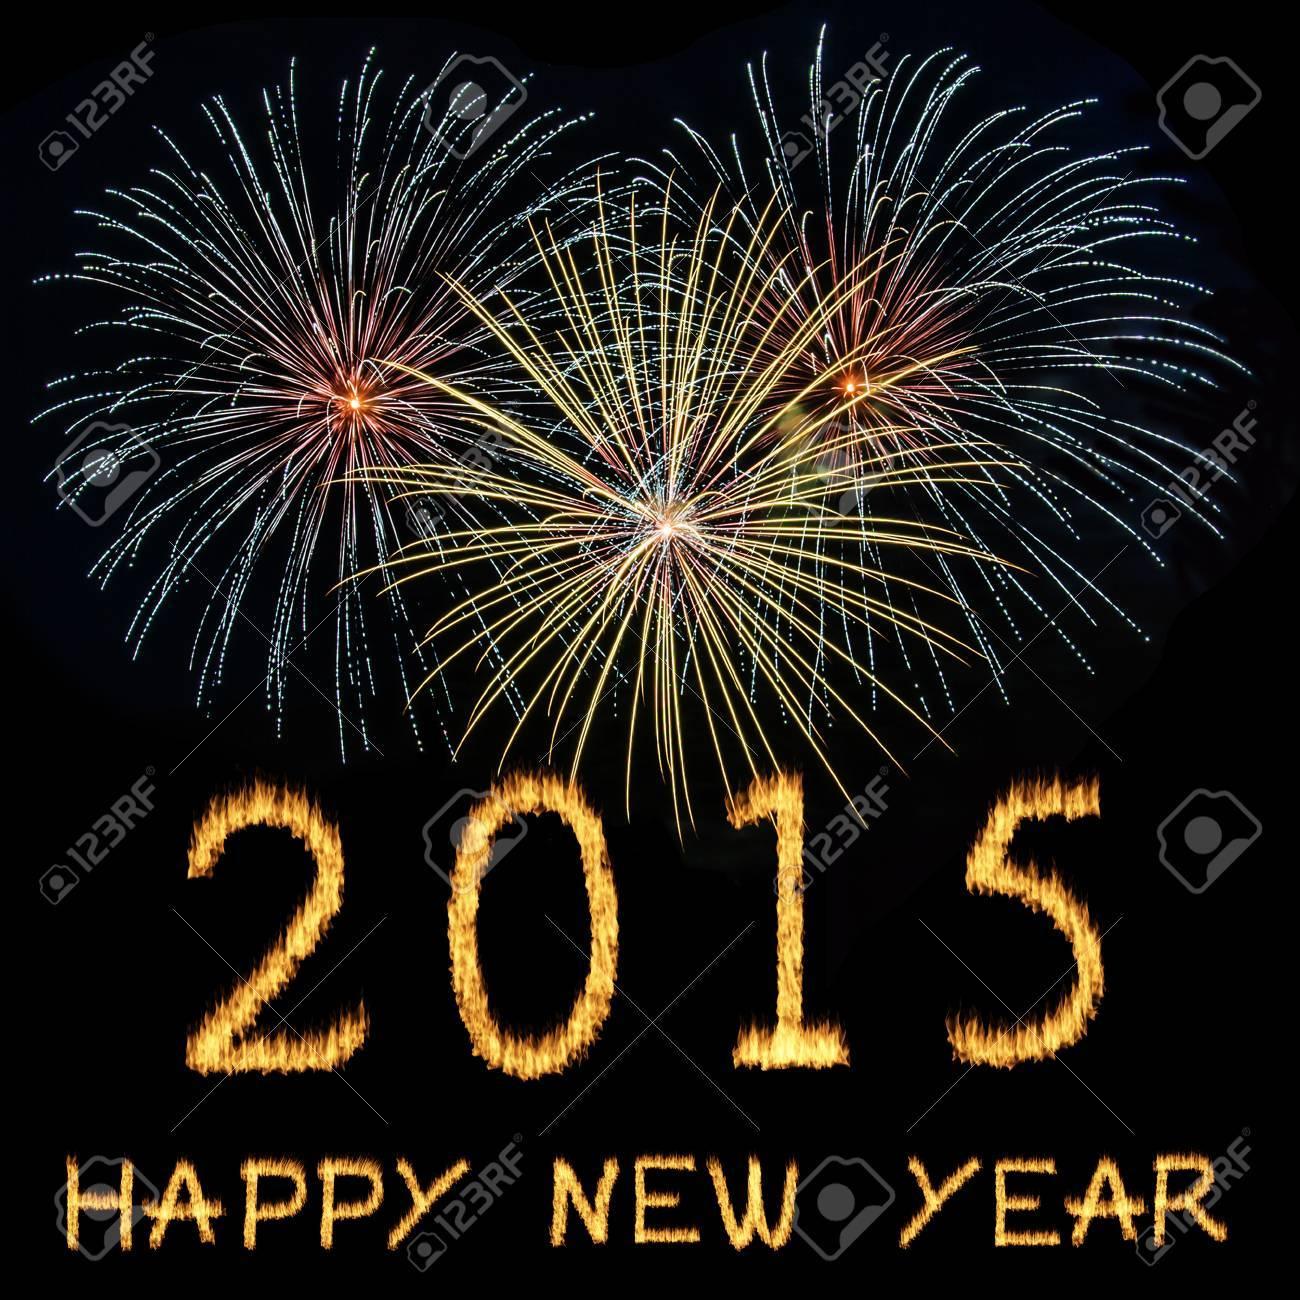 Frohes Neues Jahr 2015 Feier Mit Text Auf Glänzenden Buntes ...